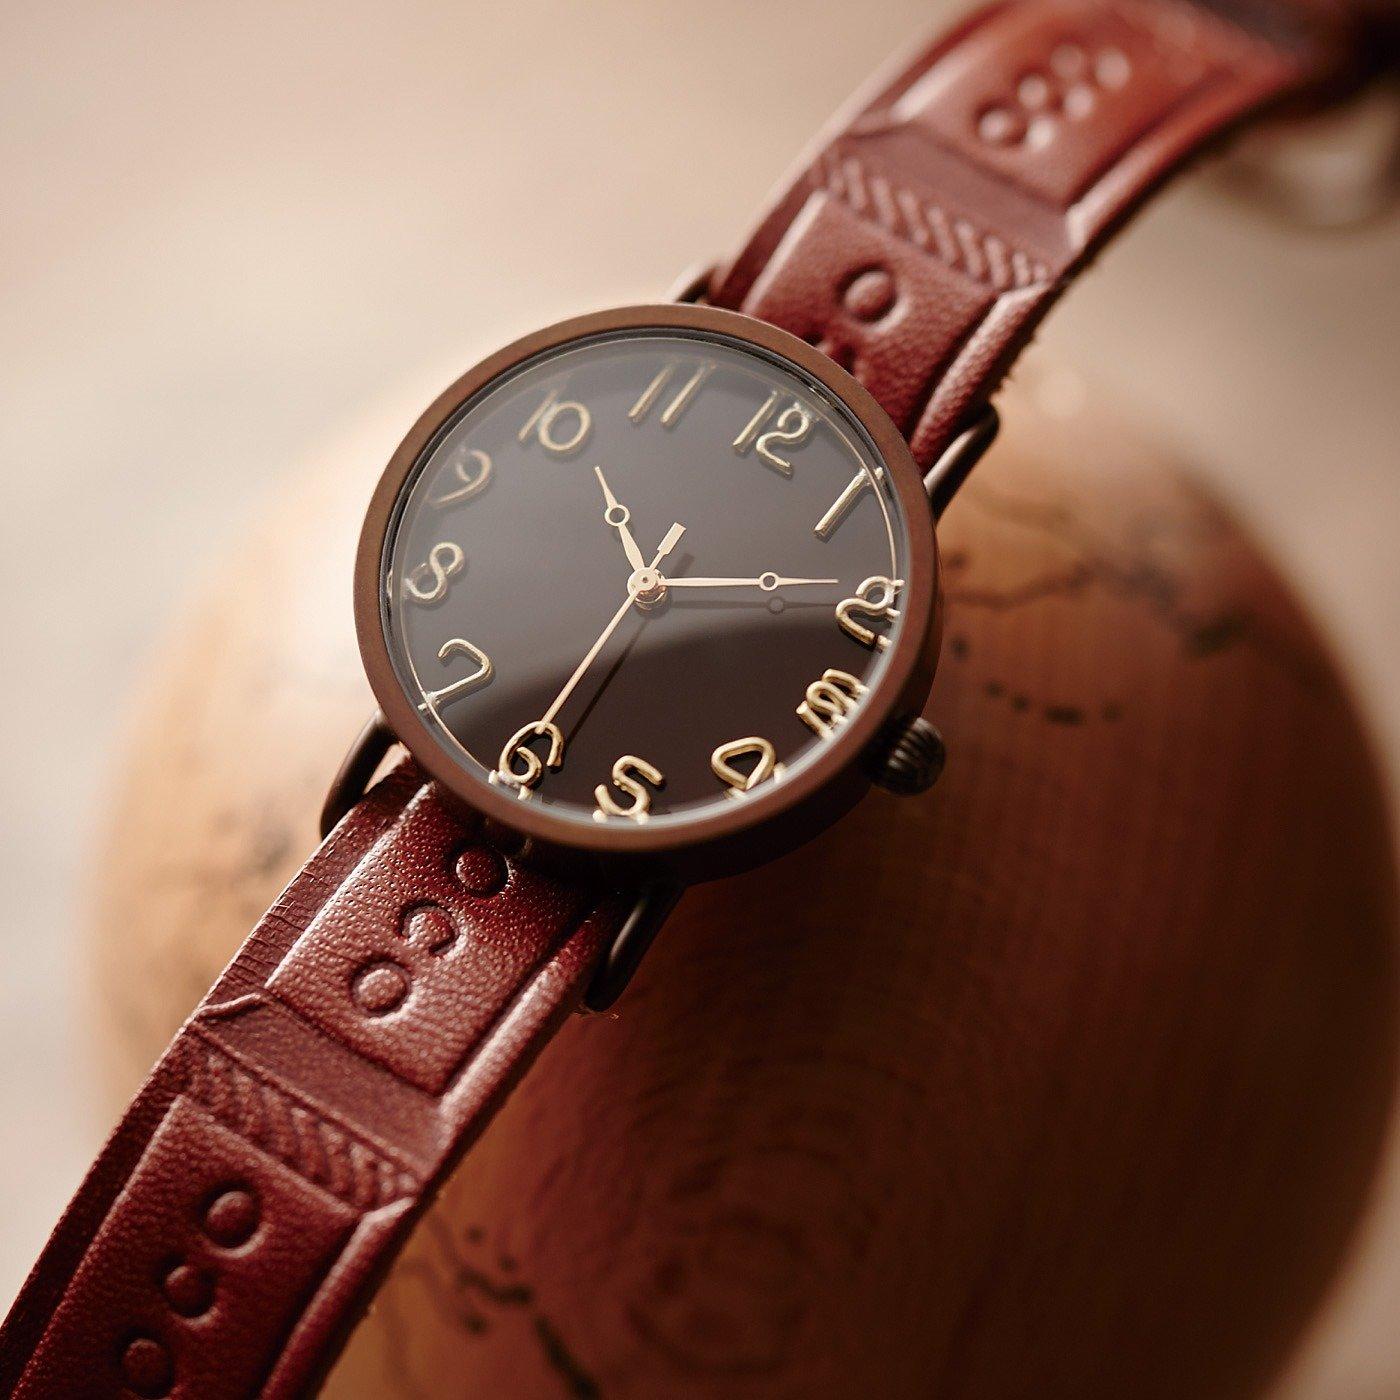 職人本革のチョコバイヤーの腕時計〈栃木レザー製板チョコベルト〉[時計:日本製]